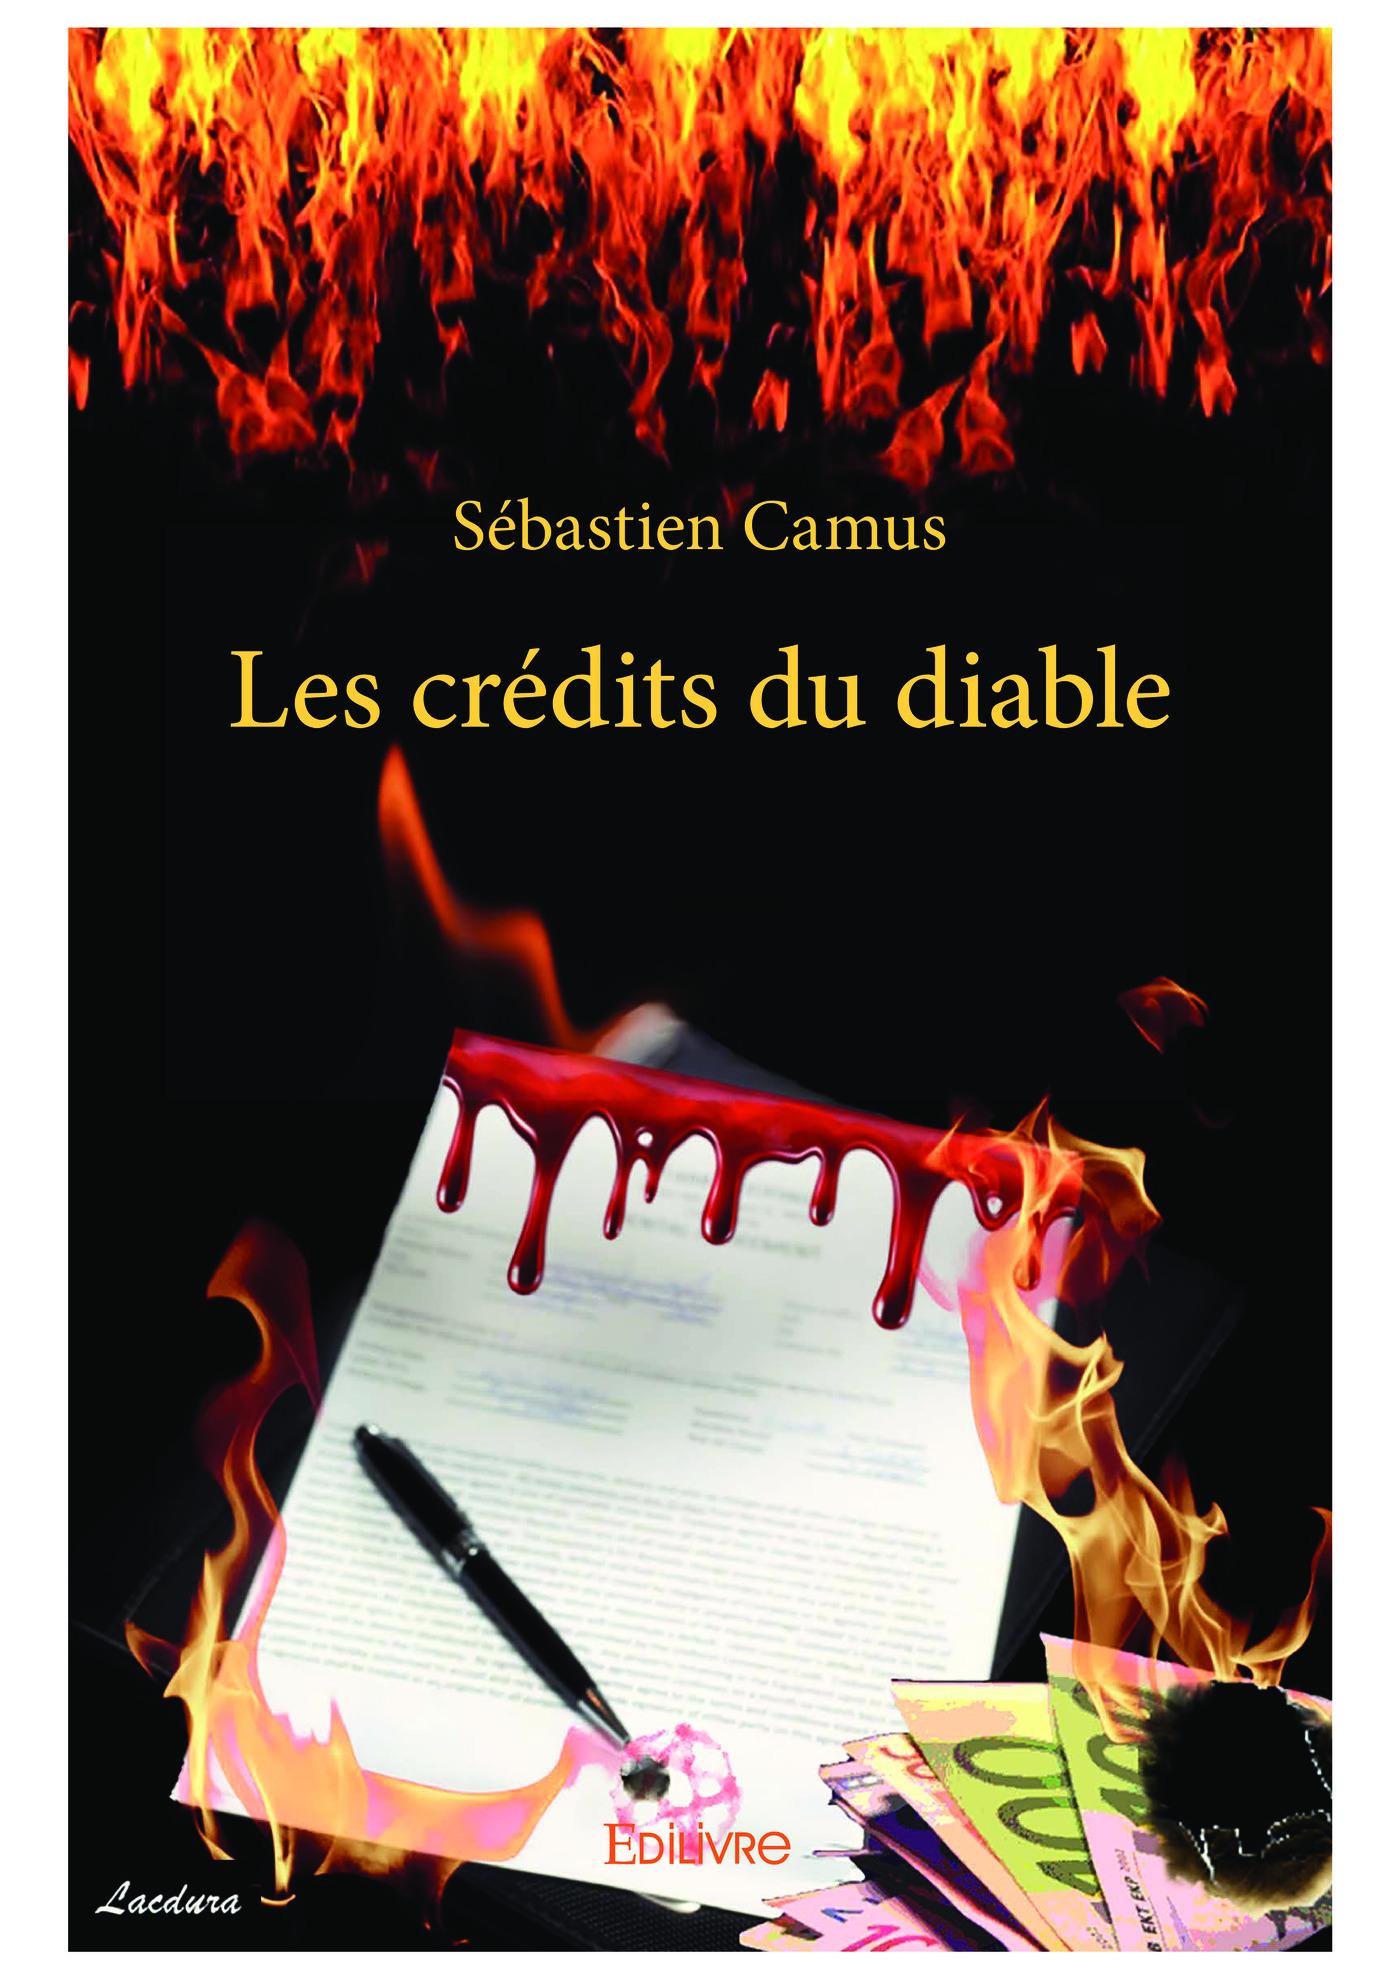 Les crédits du diable  - Sébastien Camus